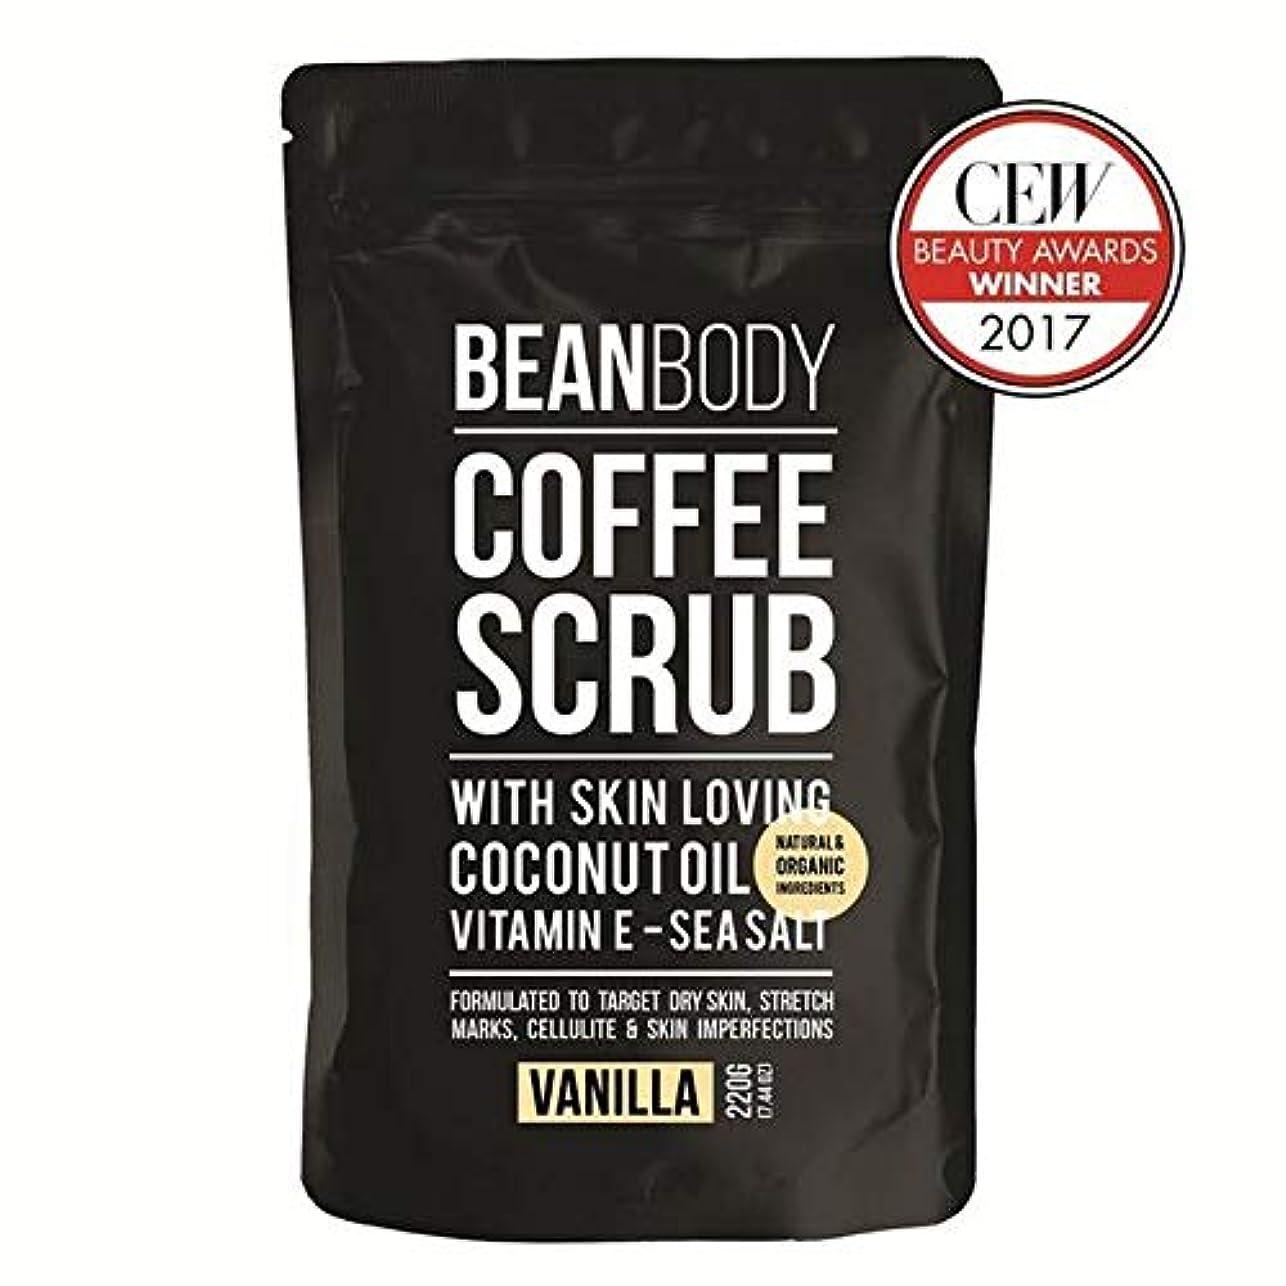 続編お互い空いている[Bean Body ] 豆のボディスクラブコーヒー、バニラ220グラム - Bean Body Coffee Scrub, Vanilla 220g [並行輸入品]